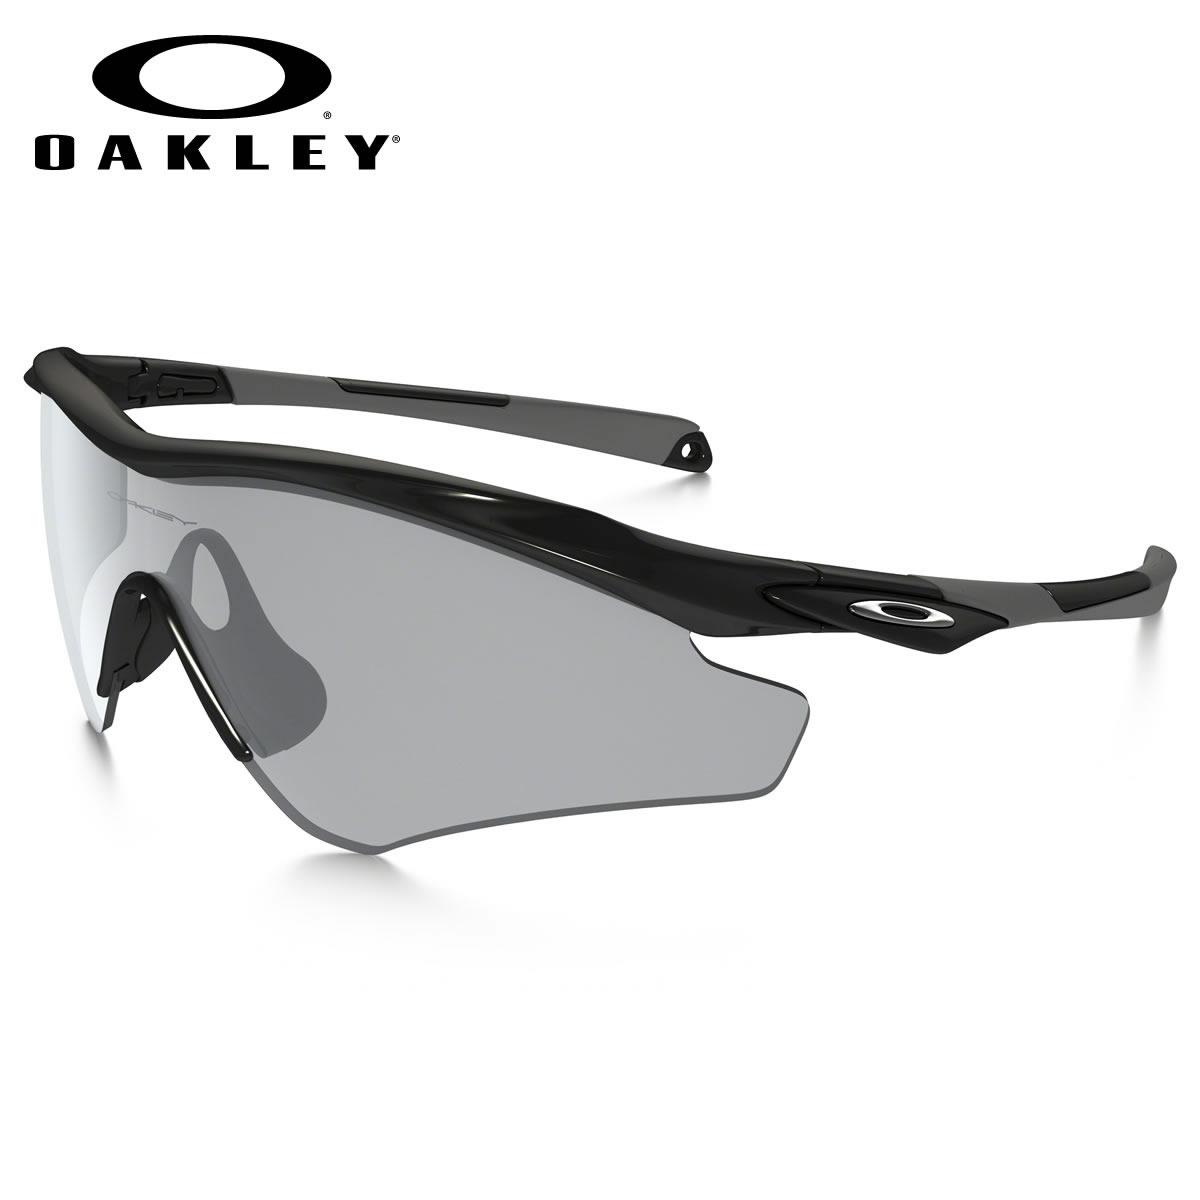 【10月30日からエントリーで全品ポイント20倍】オークリー サングラス M2フレーム XL OAKLEY OO9345-05 M2 FRAME XL ASIA FIT Polished Black / Slate Iridium オークレー アジアンフィット ミラー メンズ レディース